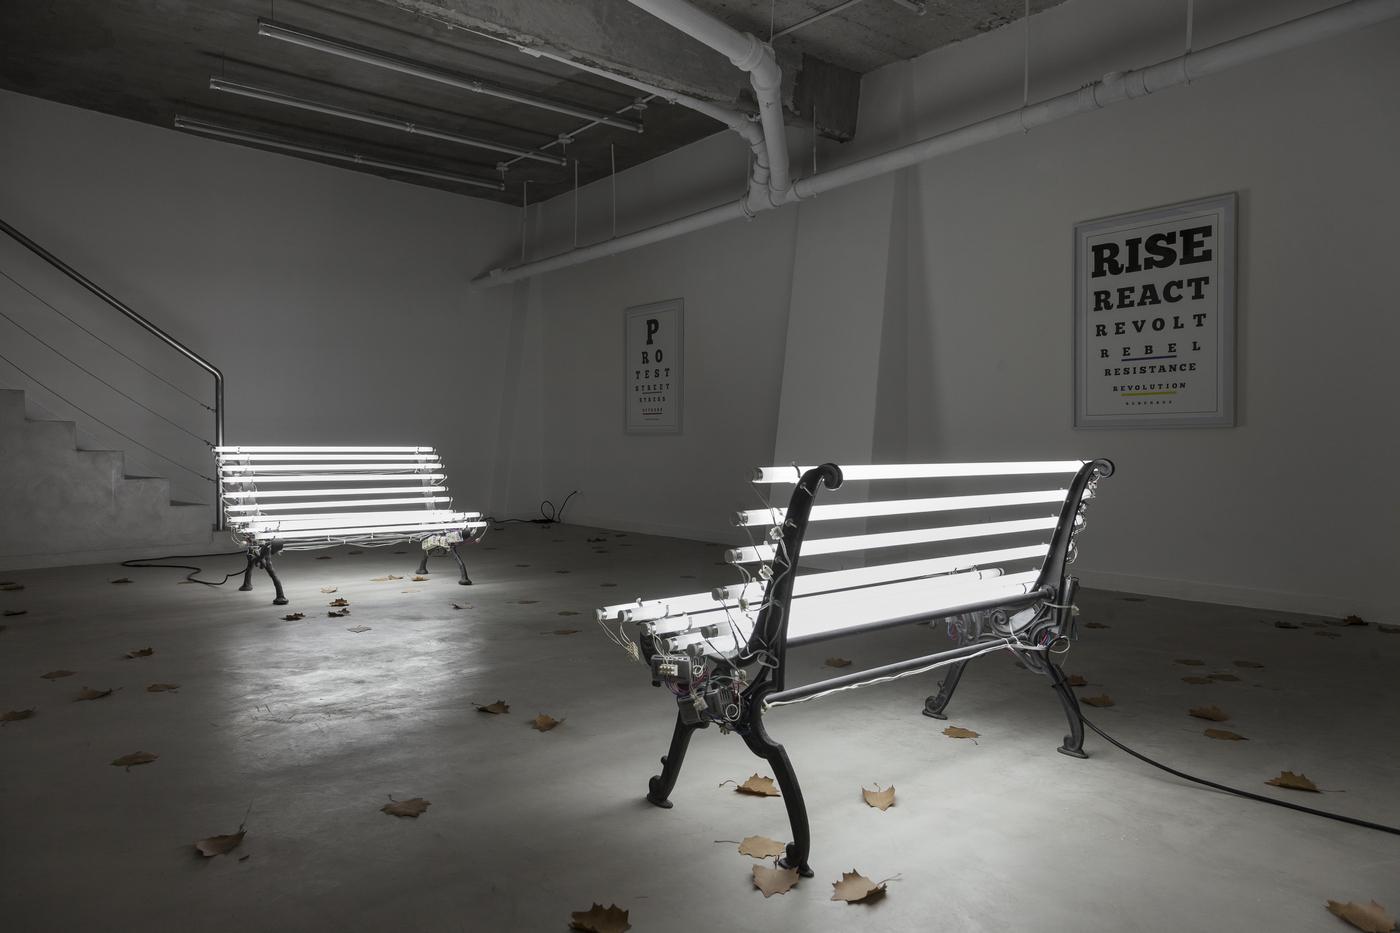 Iván Navarro & Courtney Smith, Streetlamp I y II, pie de banco de fierro fundido, tubo fluorescente y energía eléctrica, 2019. Cortesía: Revolver Galería, Buenos Aires